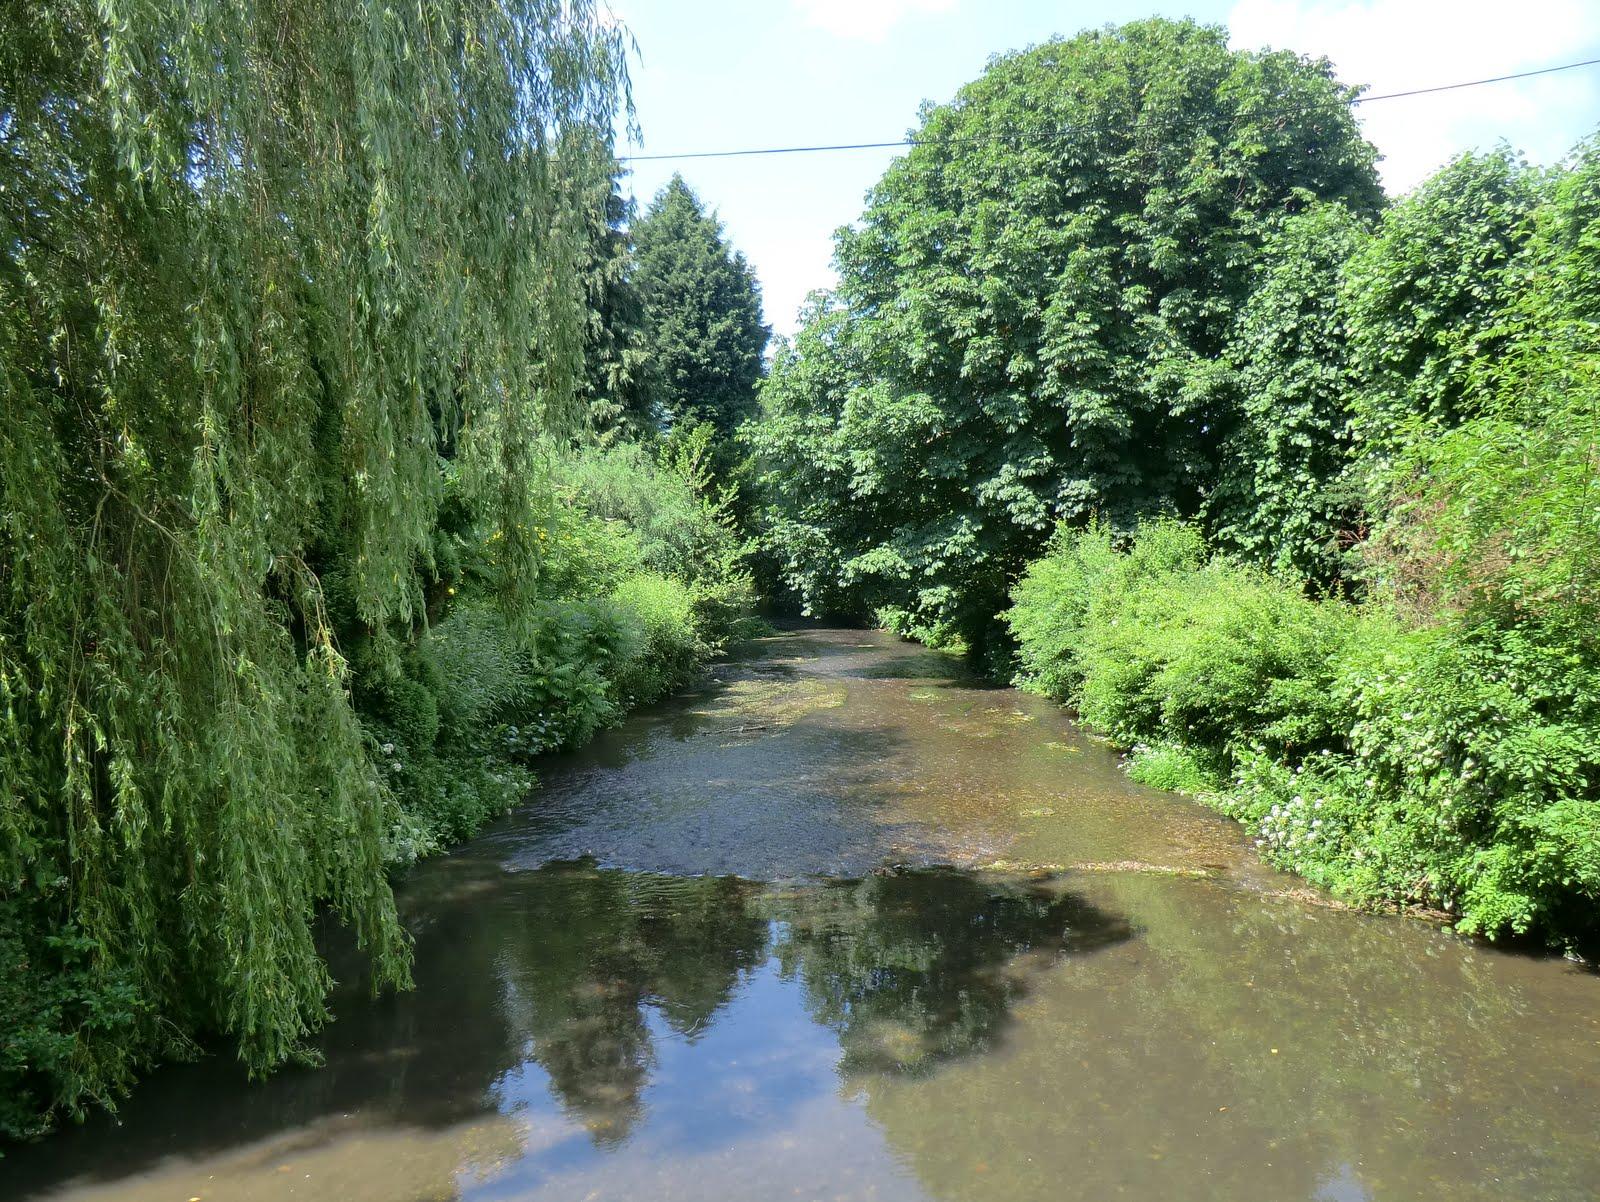 CIMG7492 River Darent from Shoreham bridge